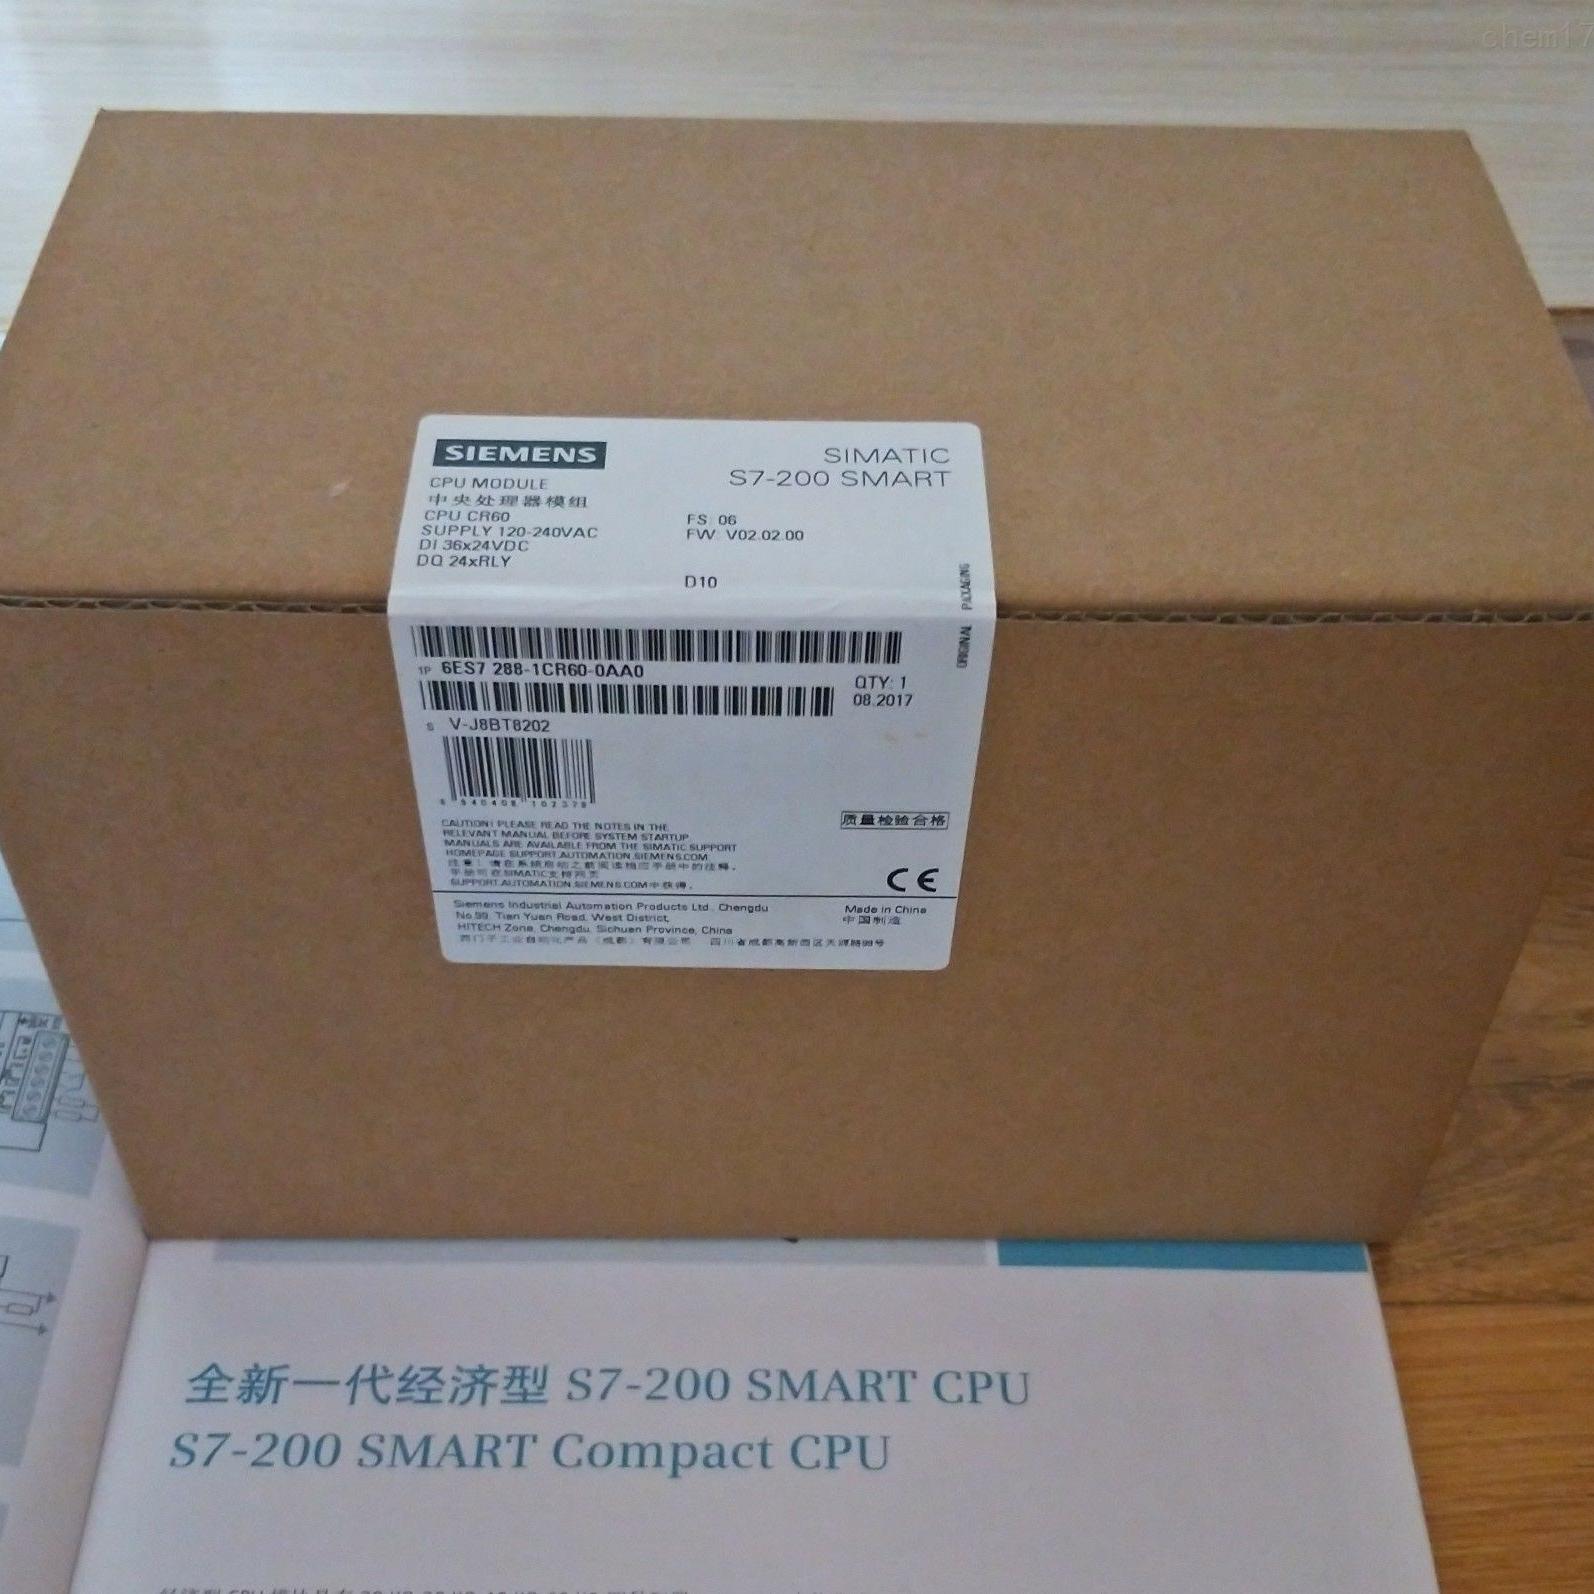 沈阳西门子S7-200 SMART模块代理商